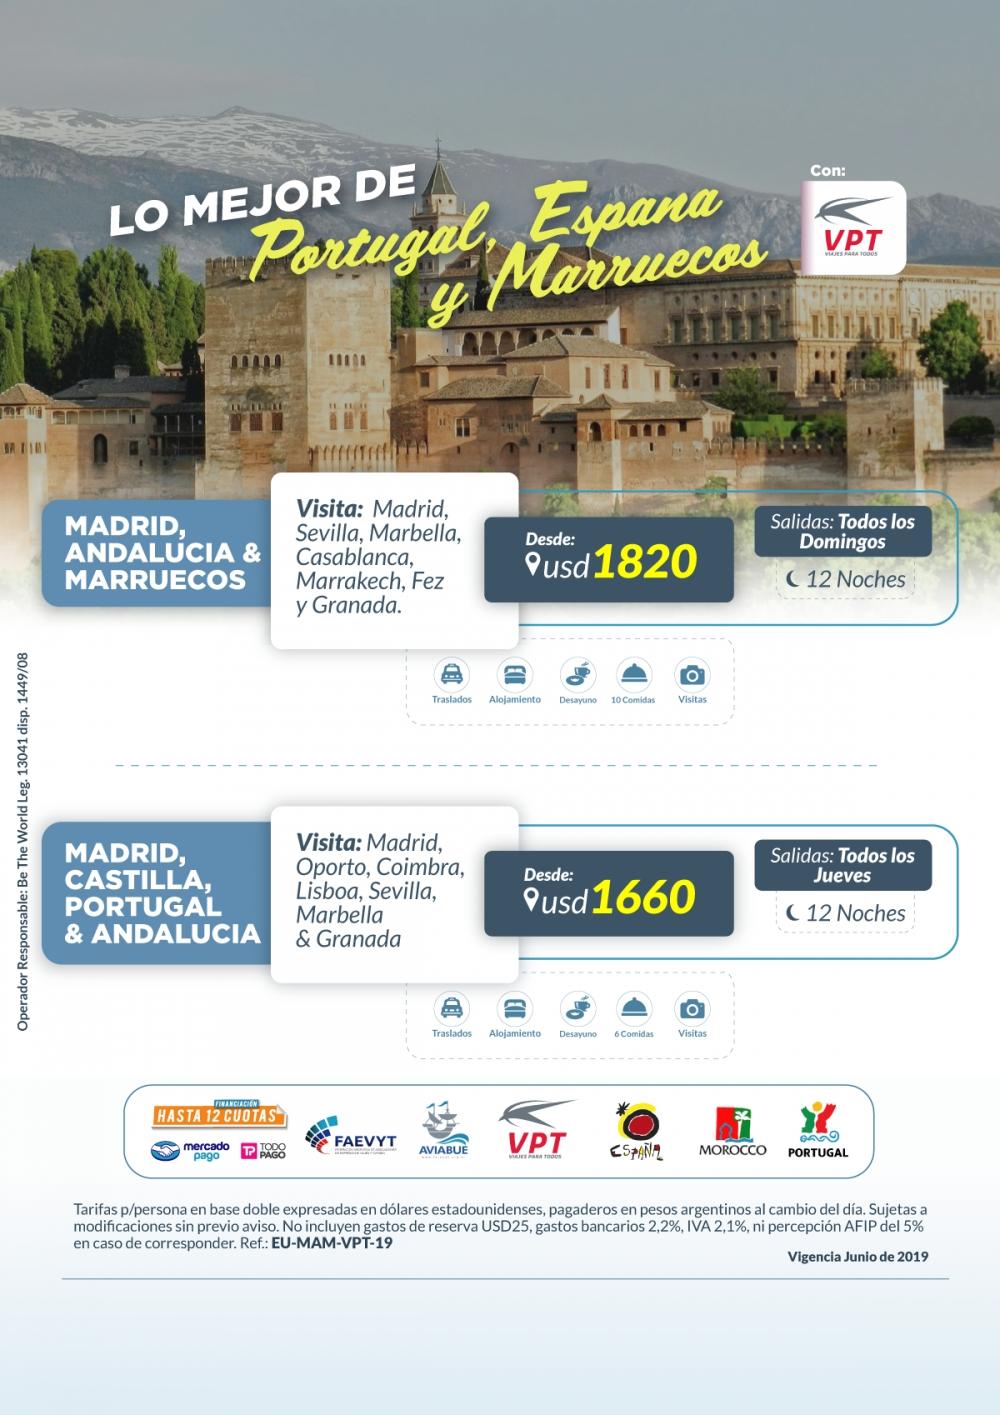 Lo Mejor de Portugal , España y Marruecos